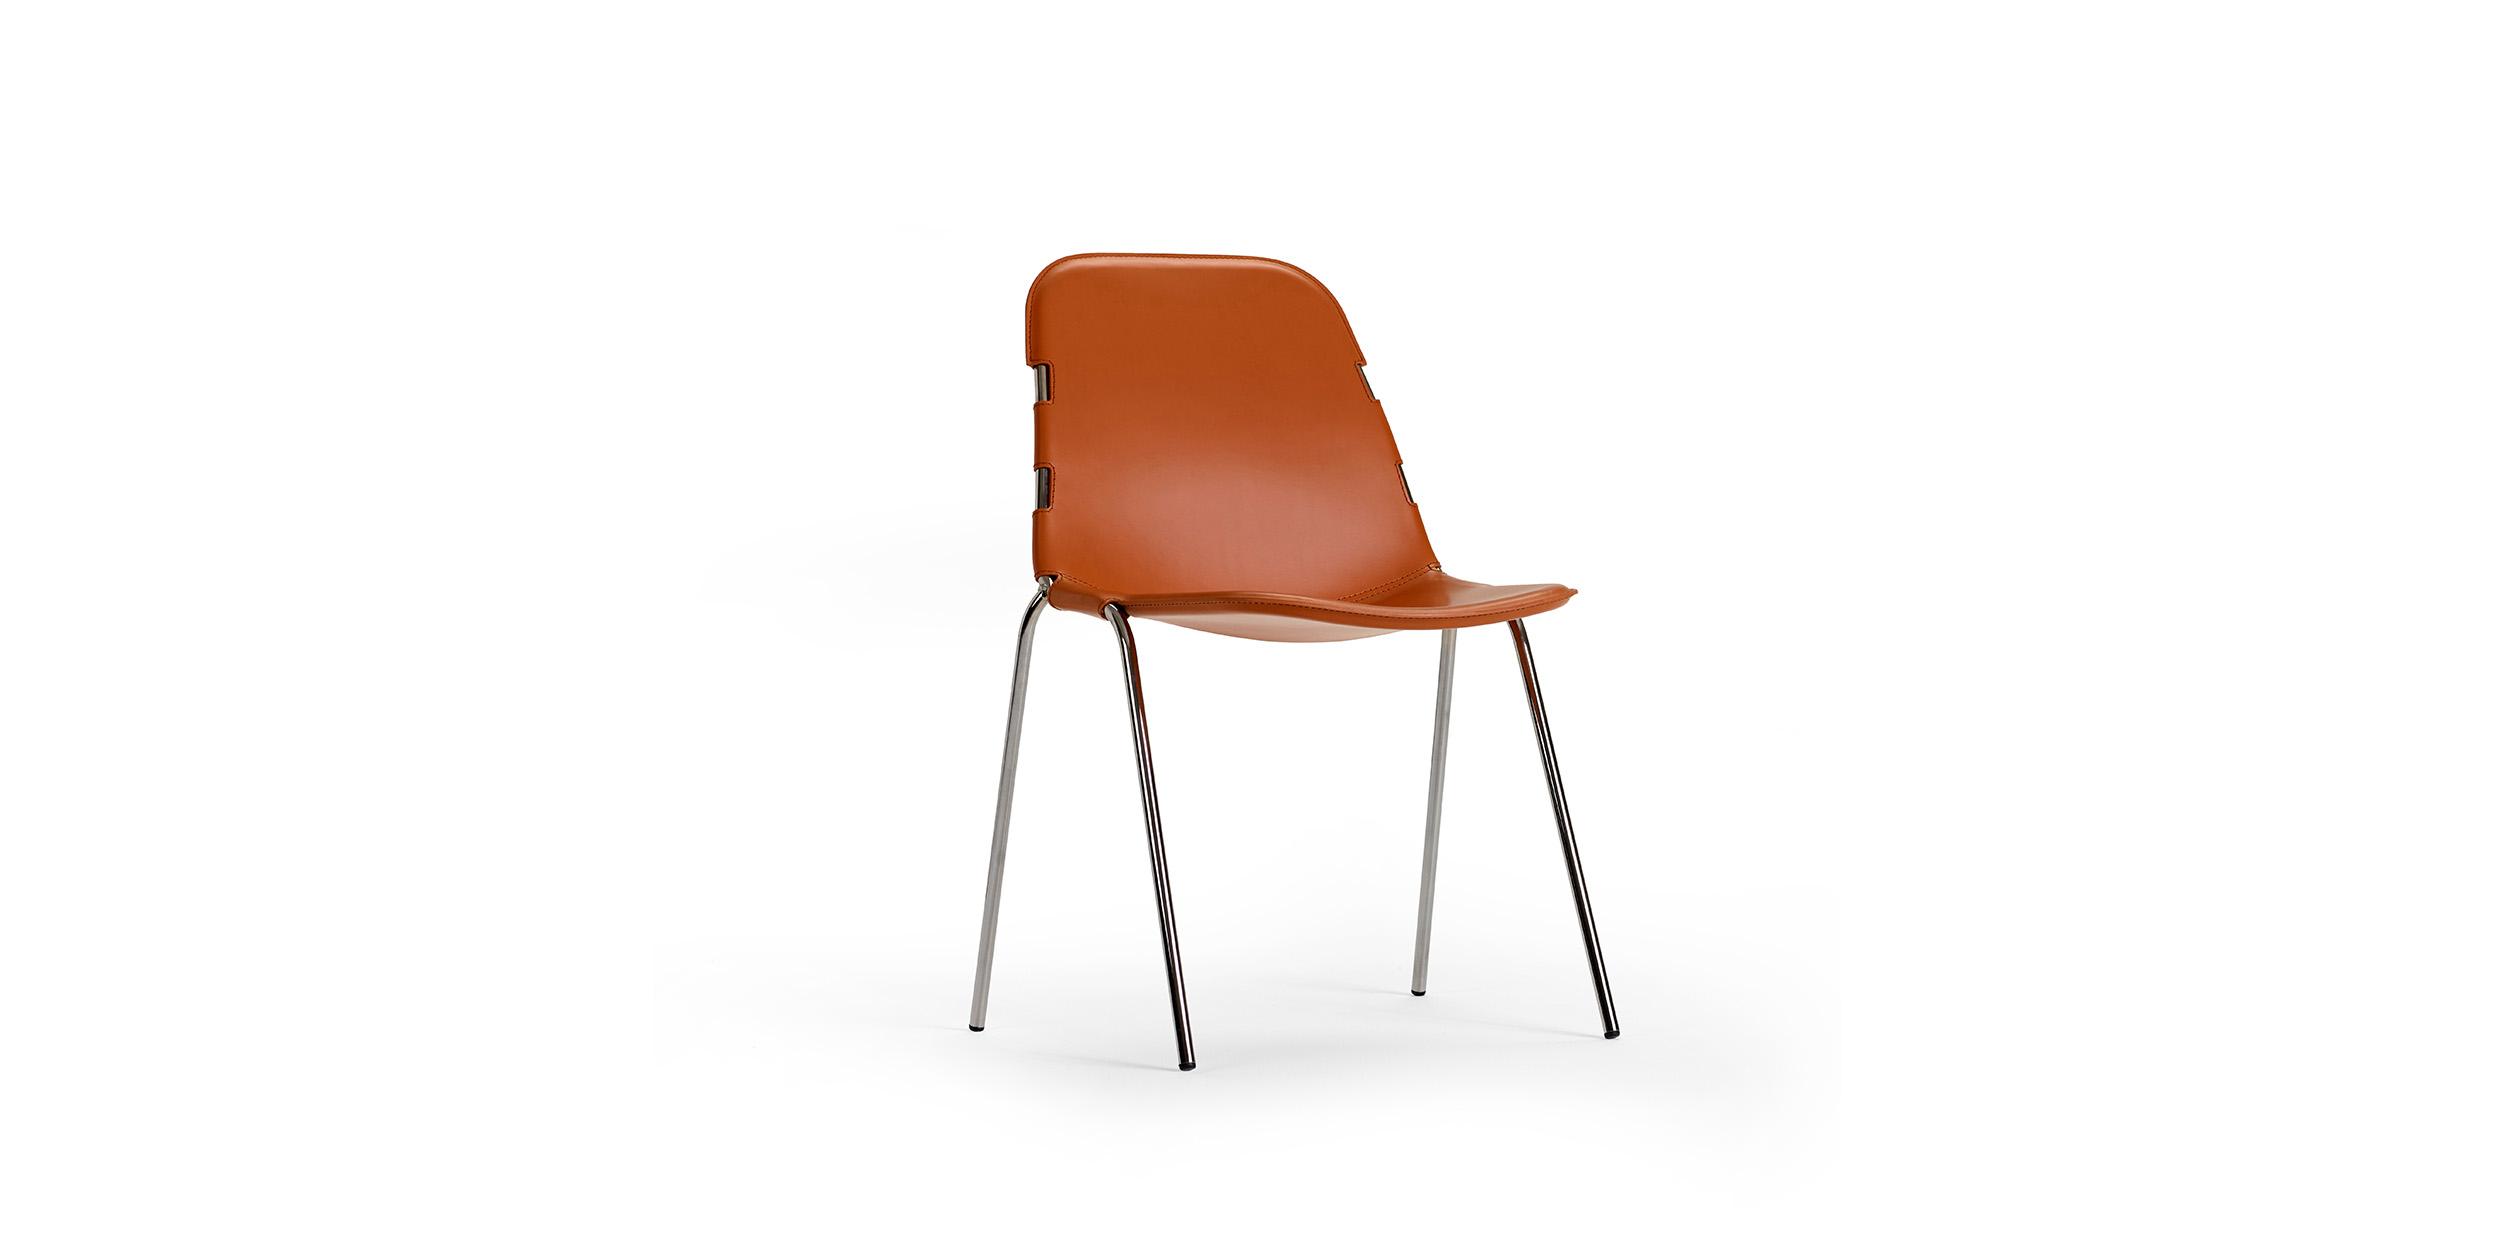 monica förster stol